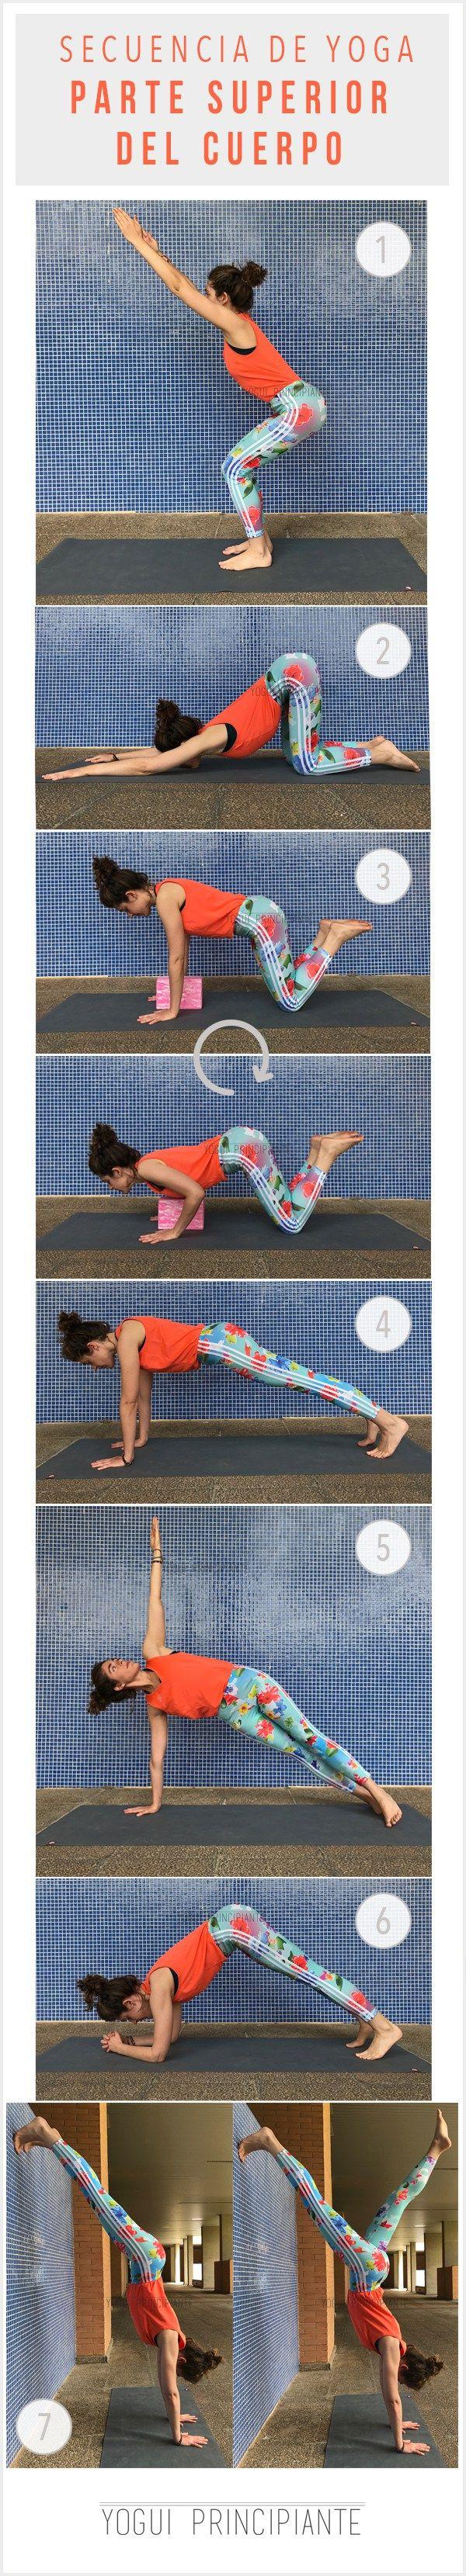 Secuencia de Yoga para brazos y hombros | YoguiPrincipiante.com